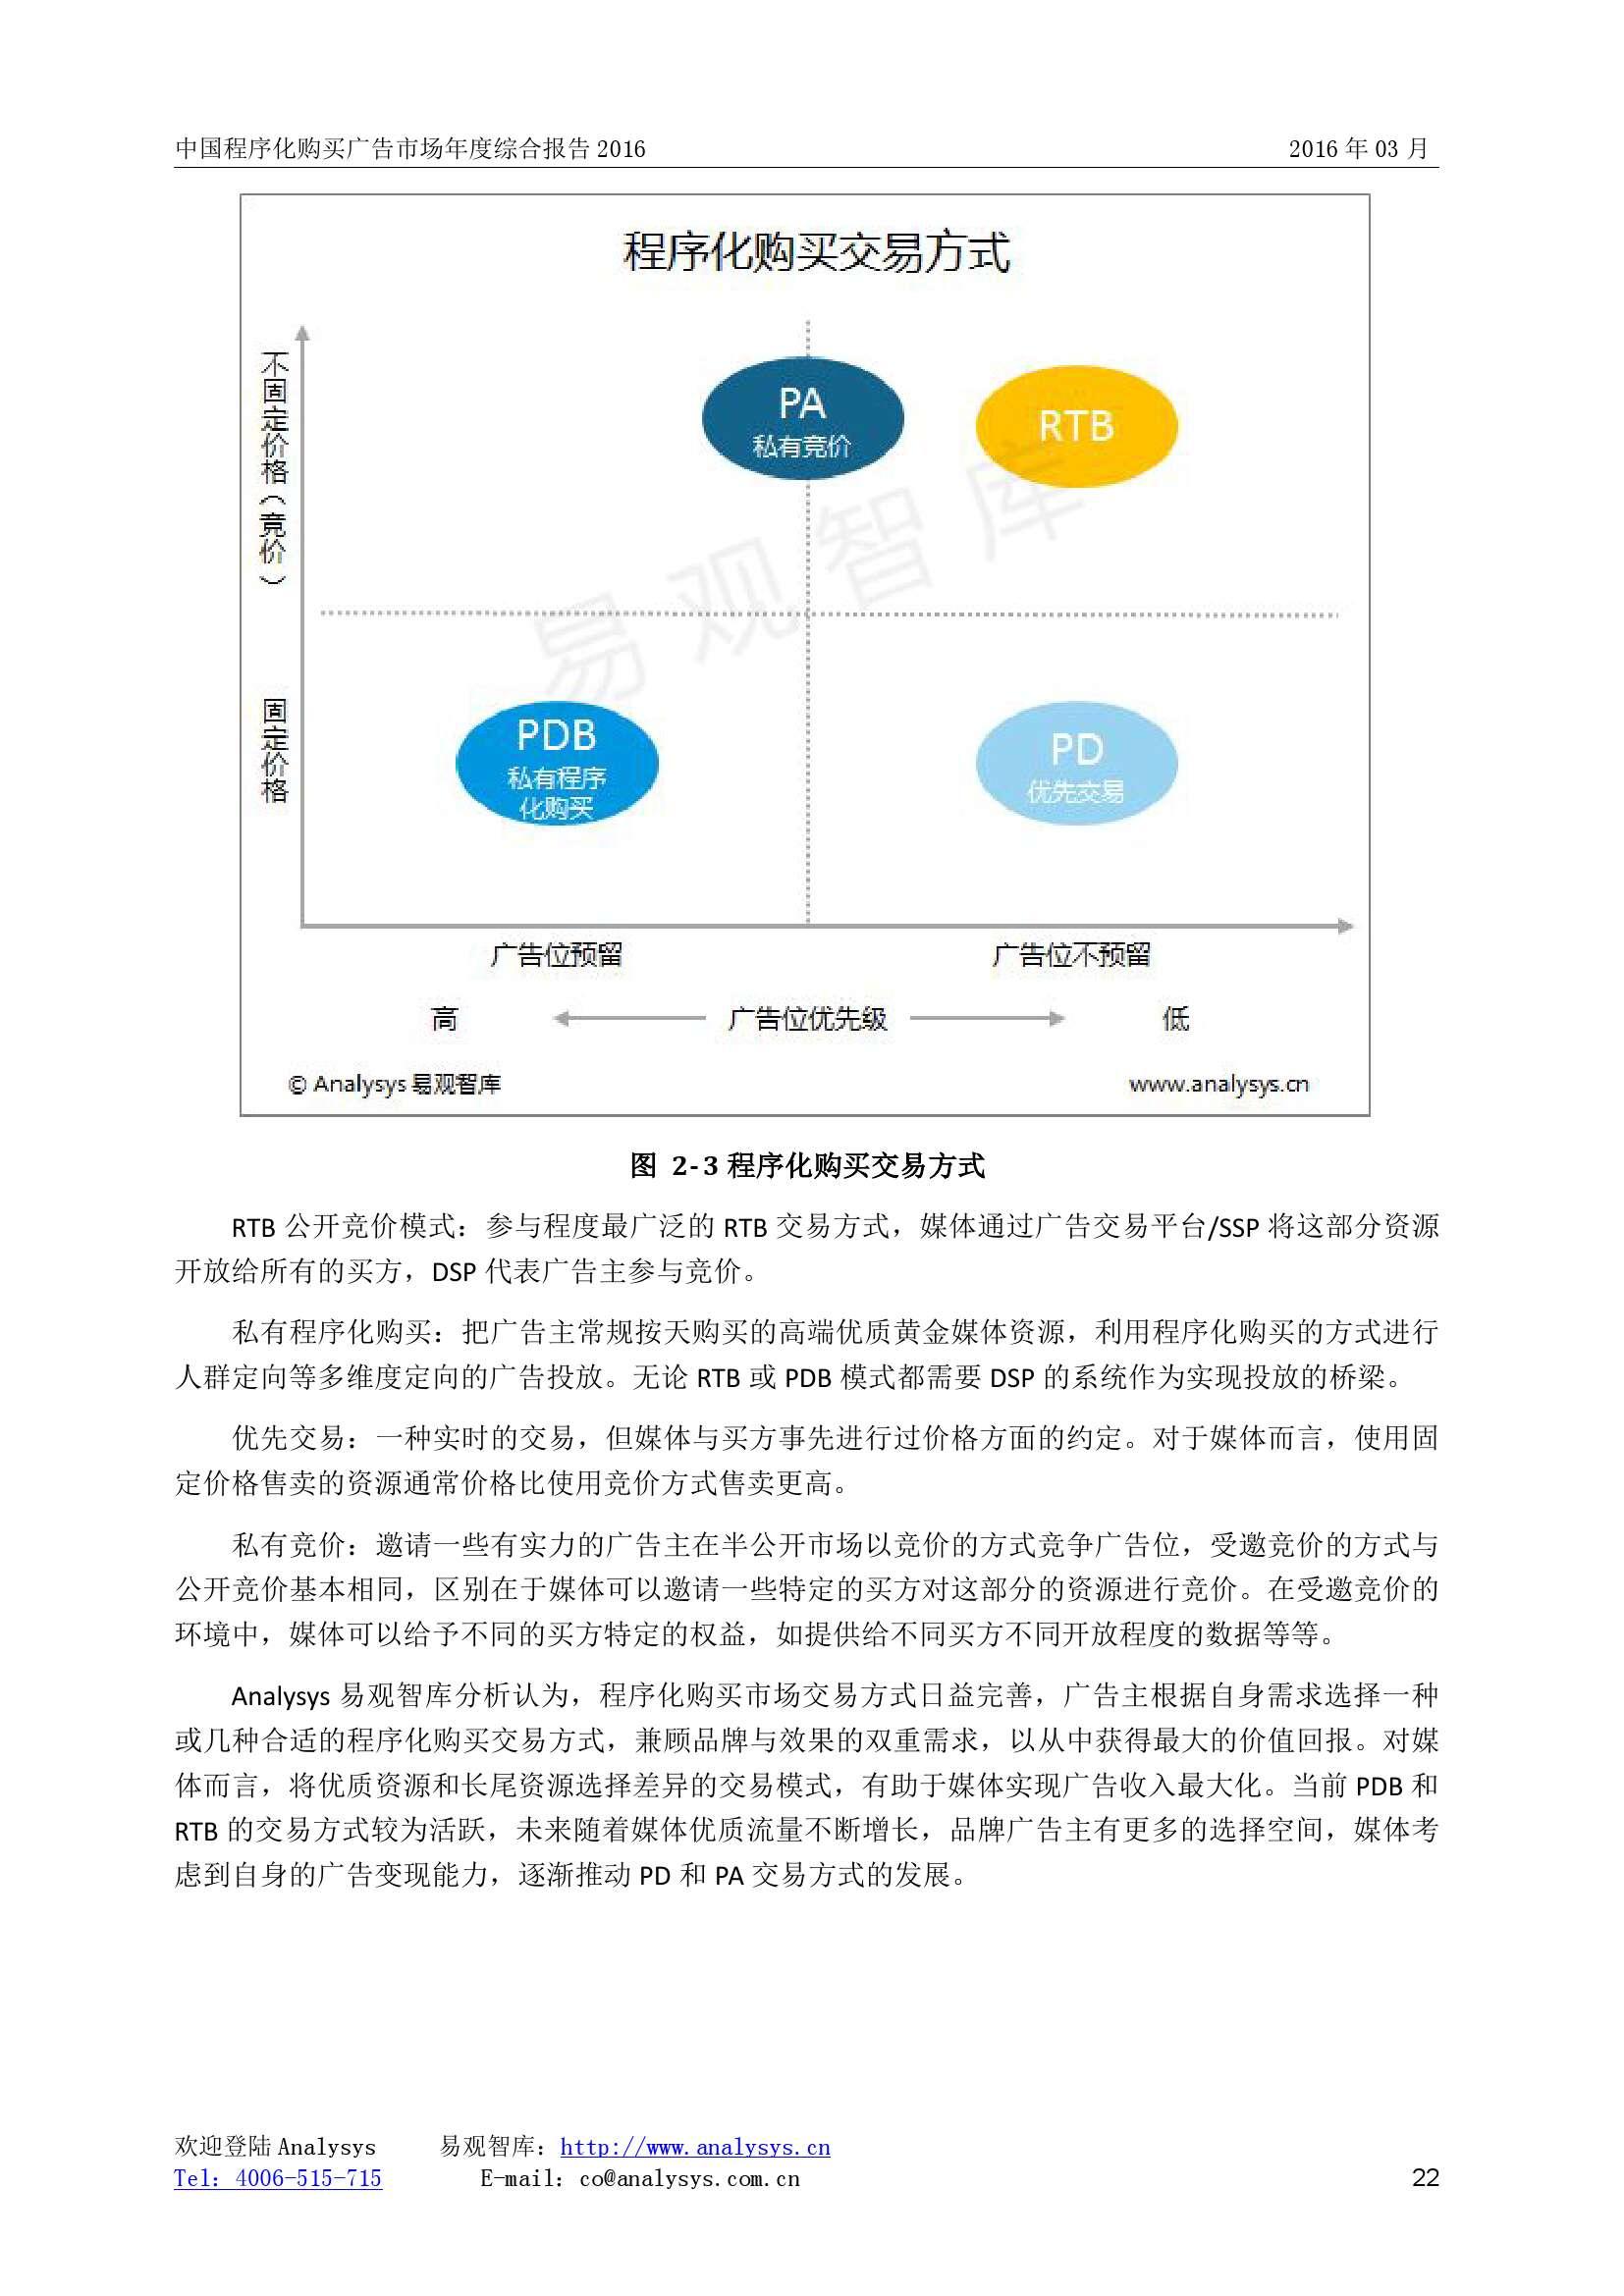 中国程序化购买广告市场年度综合报告2016_000022